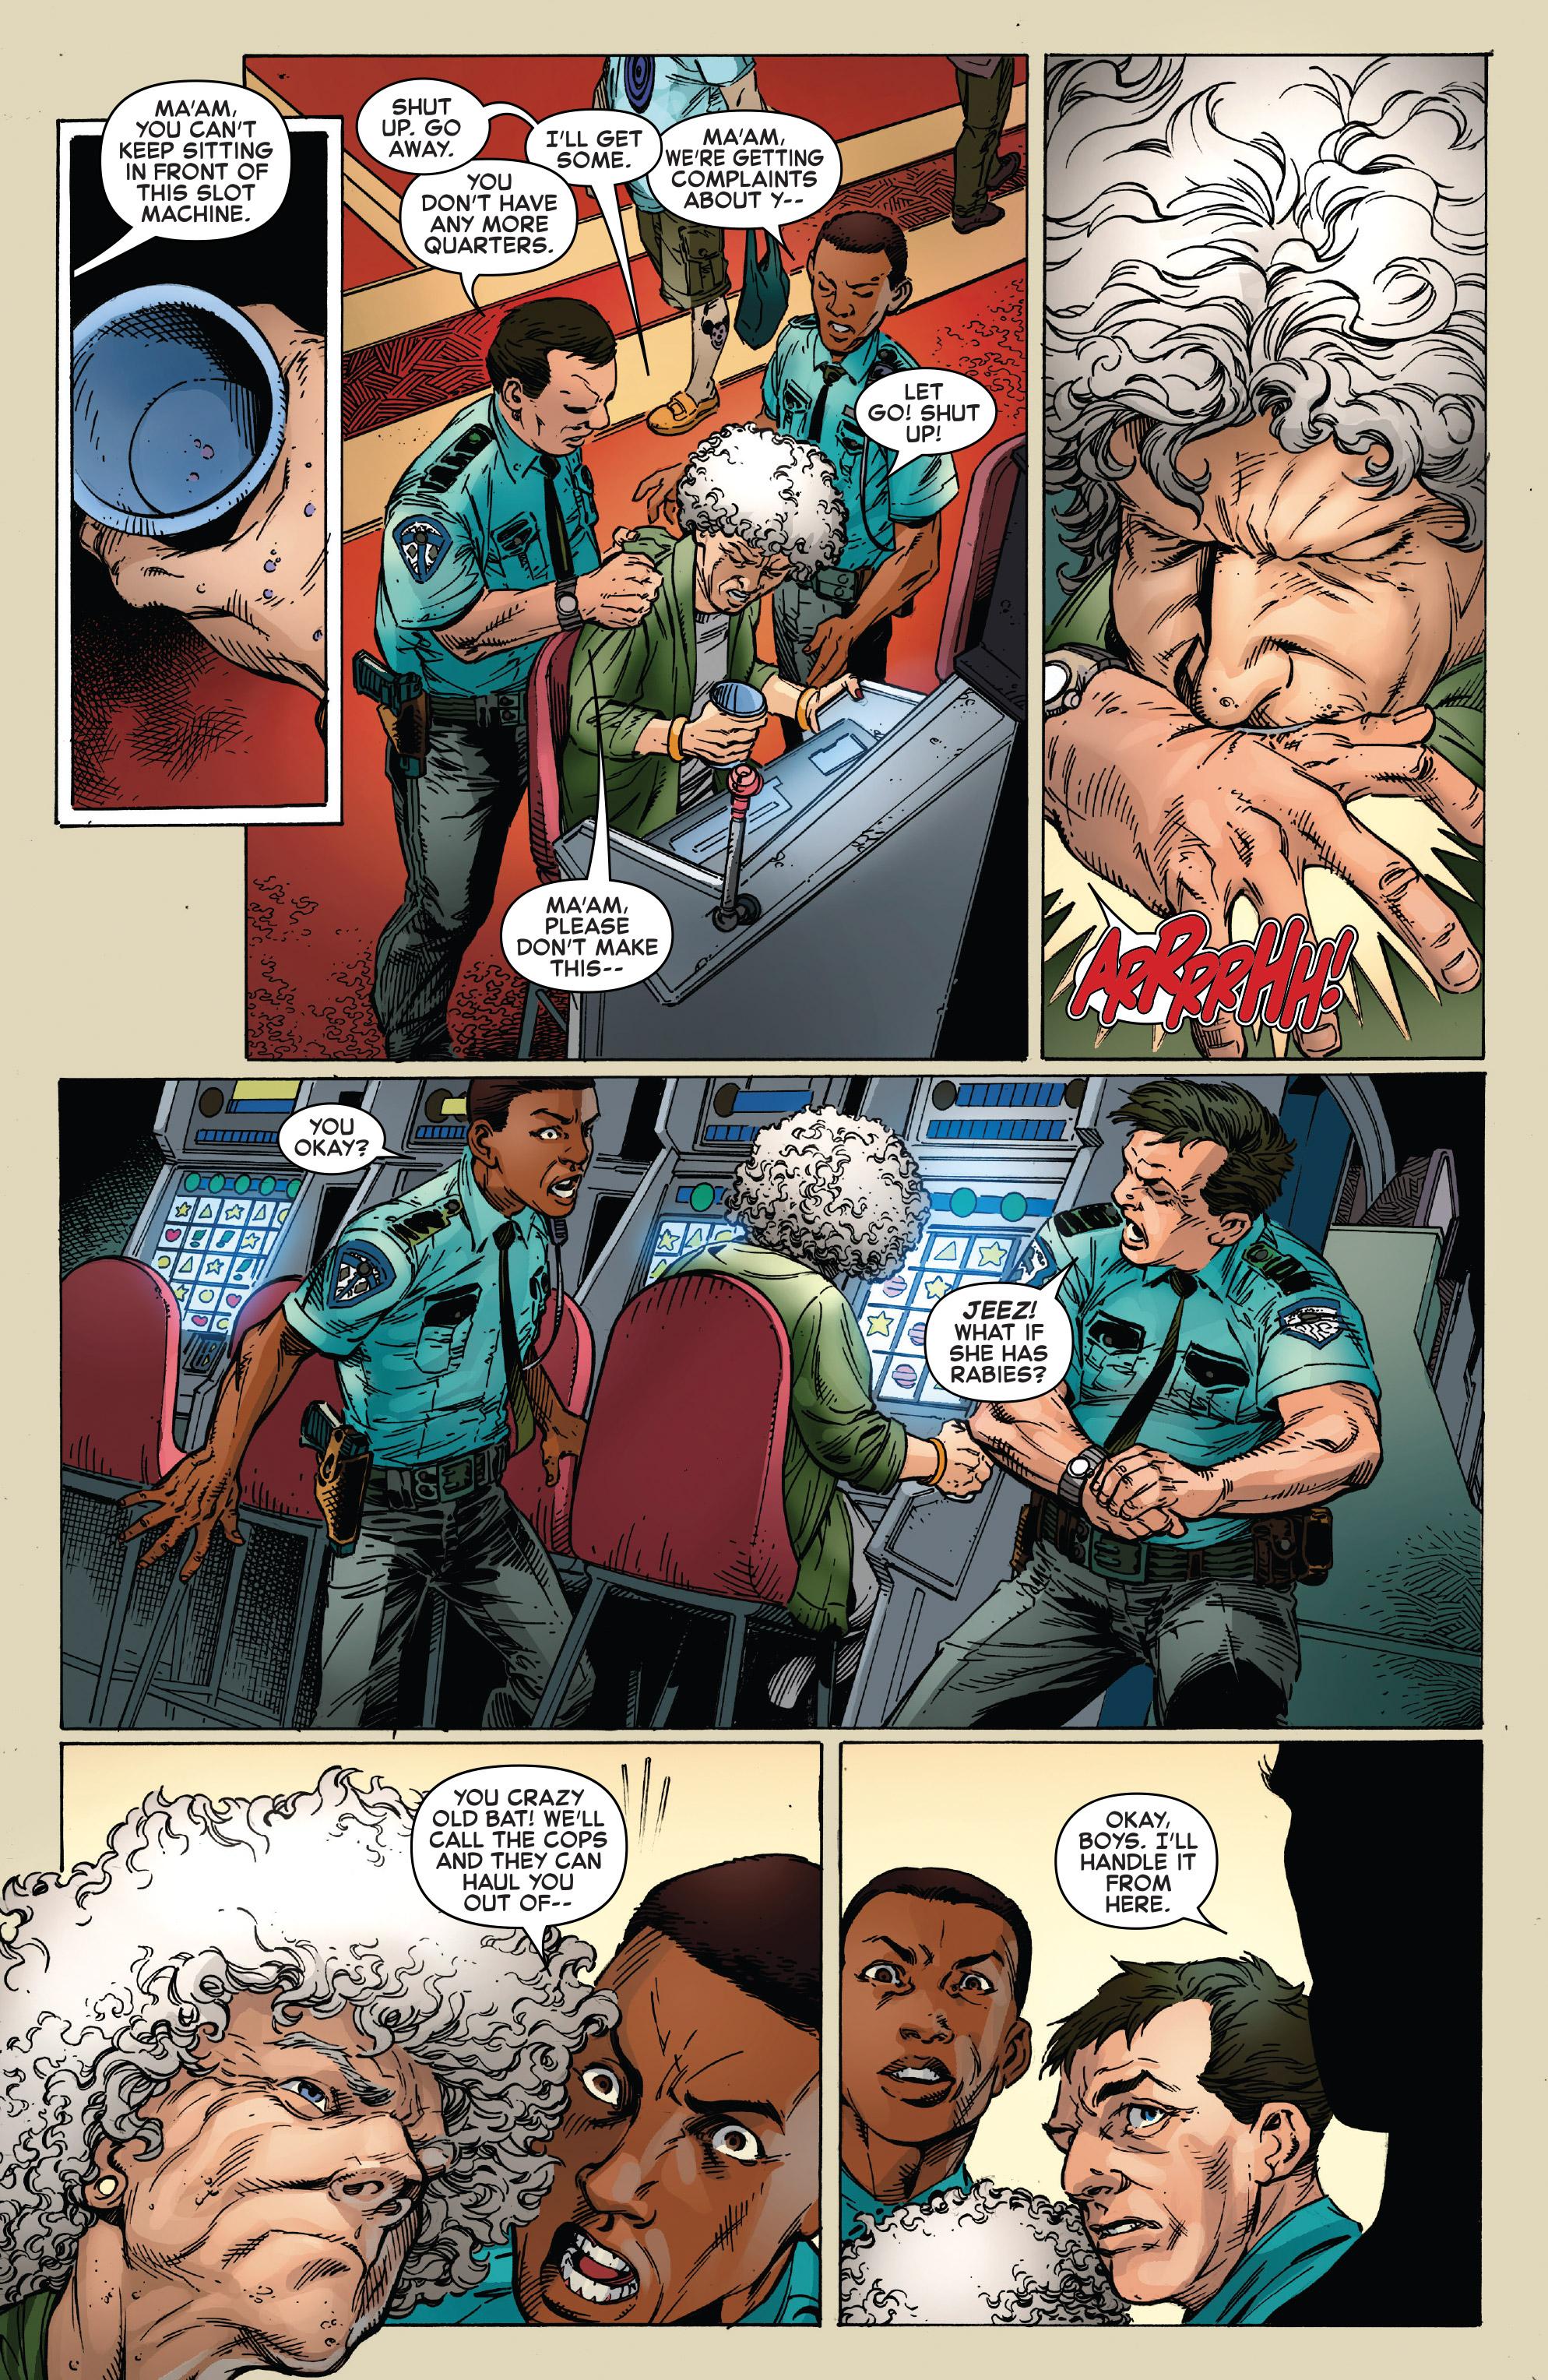 Read online Ben Reilly: Scarlet Spider comic -  Issue #2 - 18